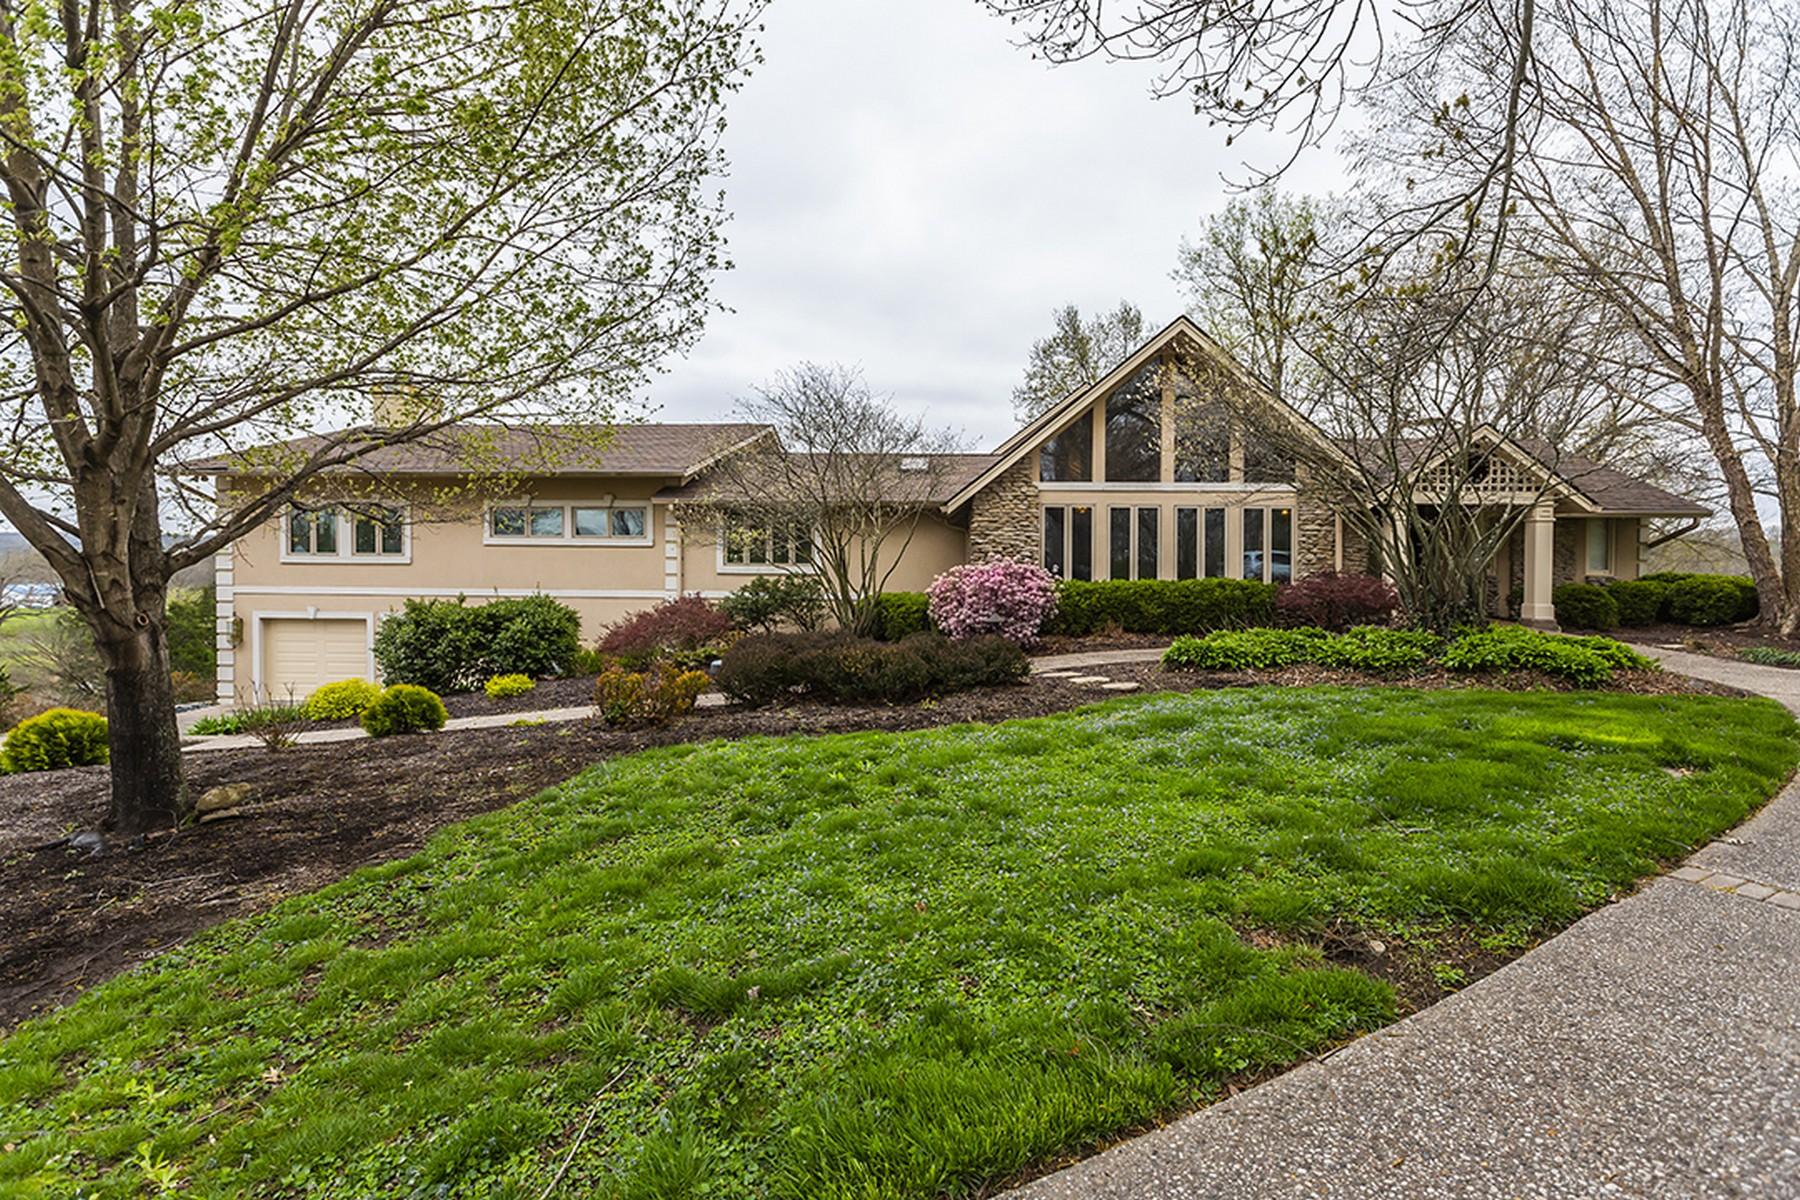 Частный односемейный дом для того Продажа на 1115 Hickory Ridge Road Frankfort, Кентукки 40076 Соединенные Штаты